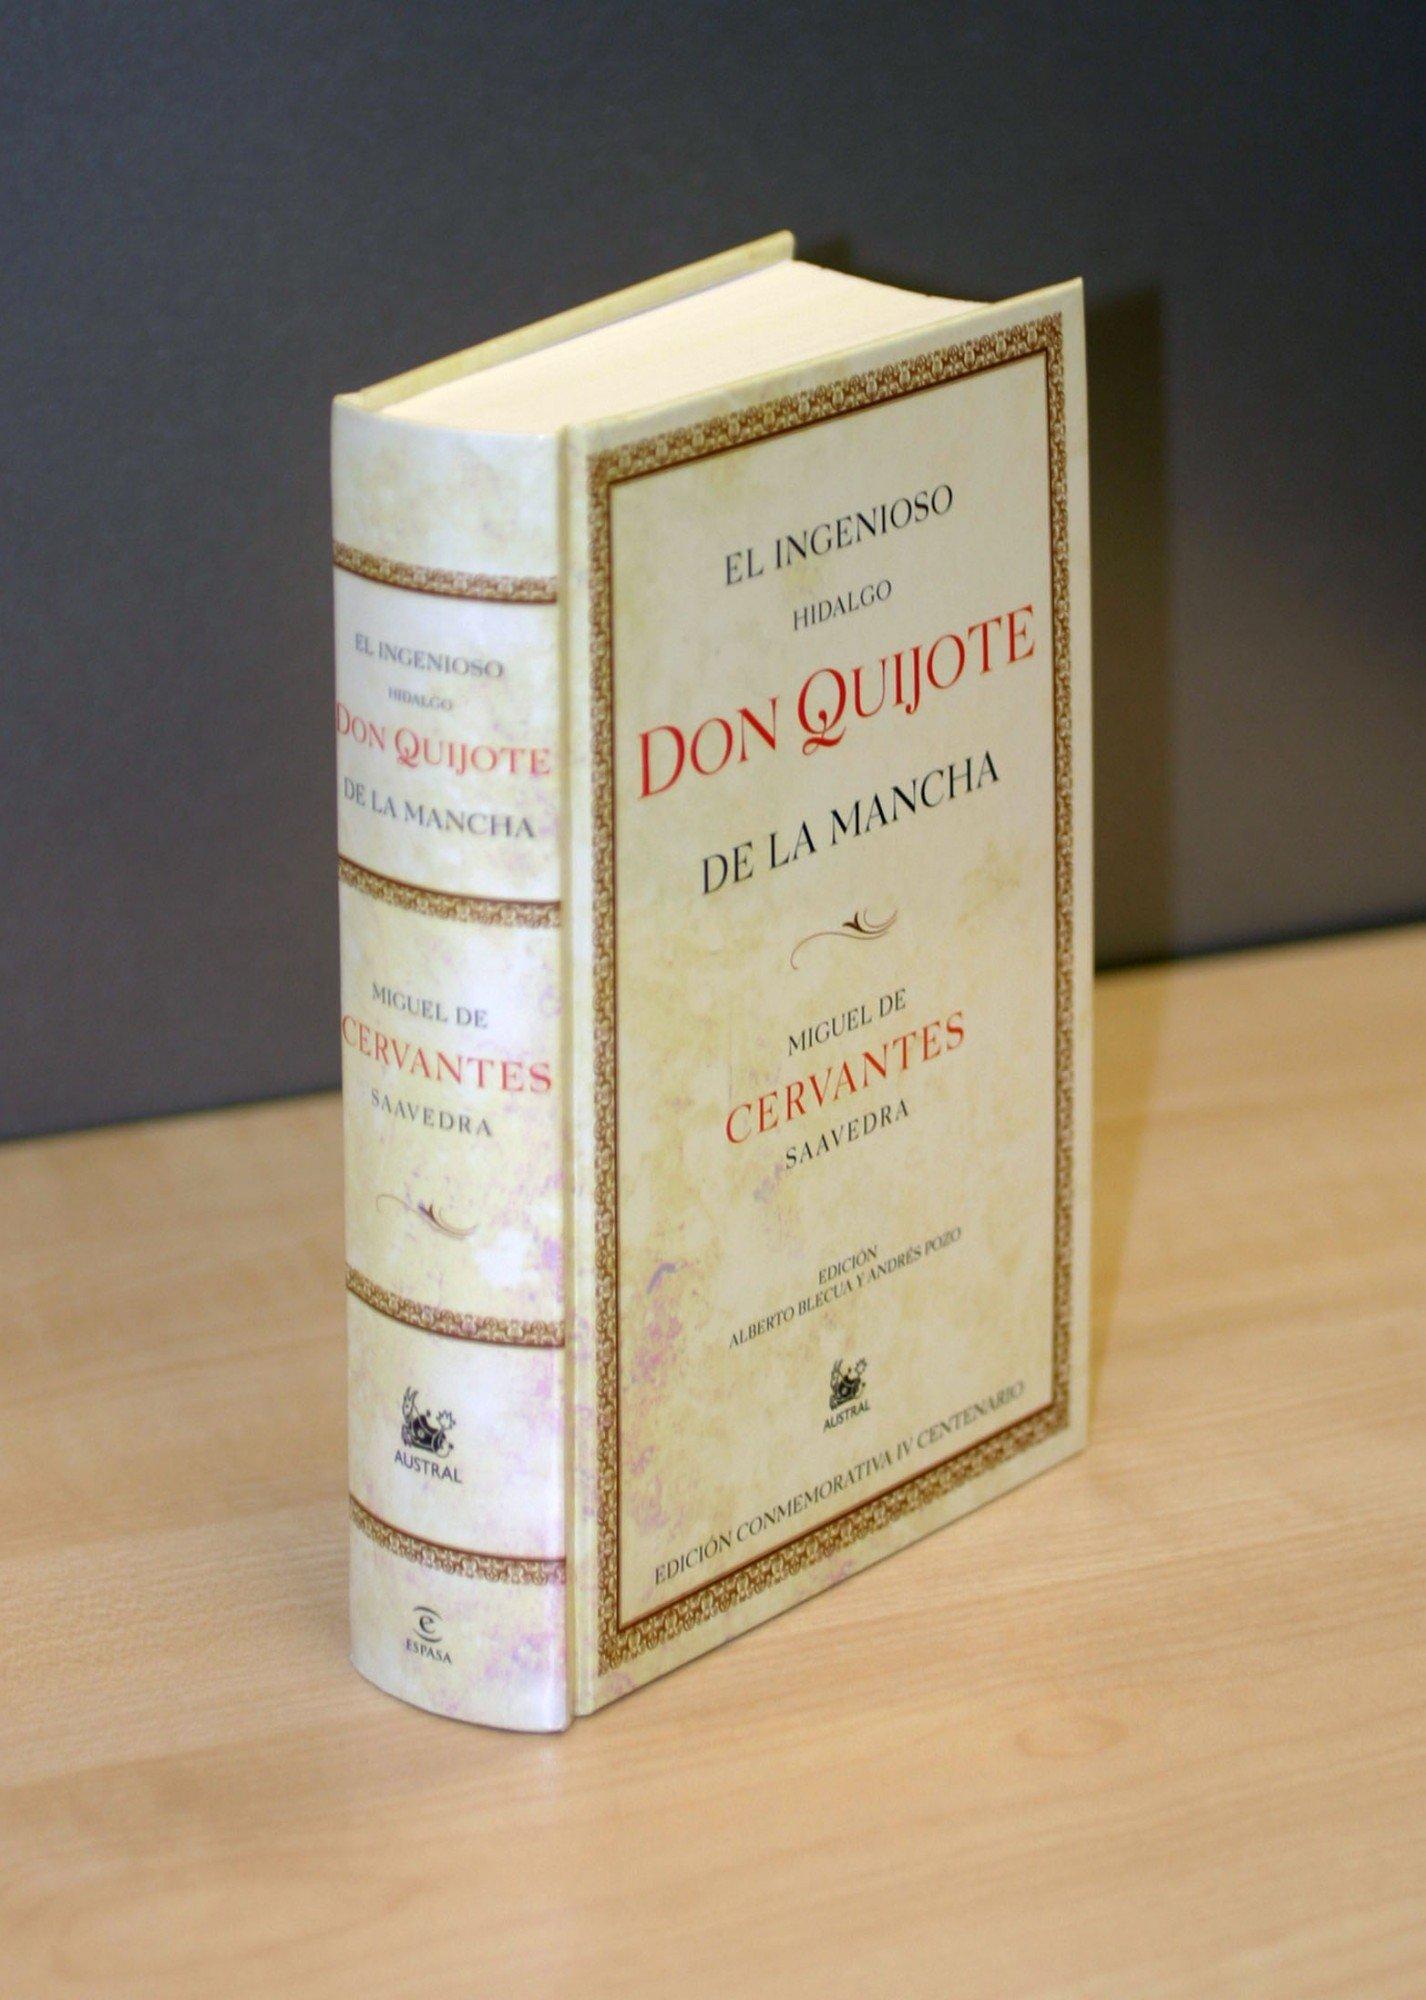 Don Quijote De La Mancha Fuera De Colección Y One Shot Amazon Es Cervantes Miguel De Libros